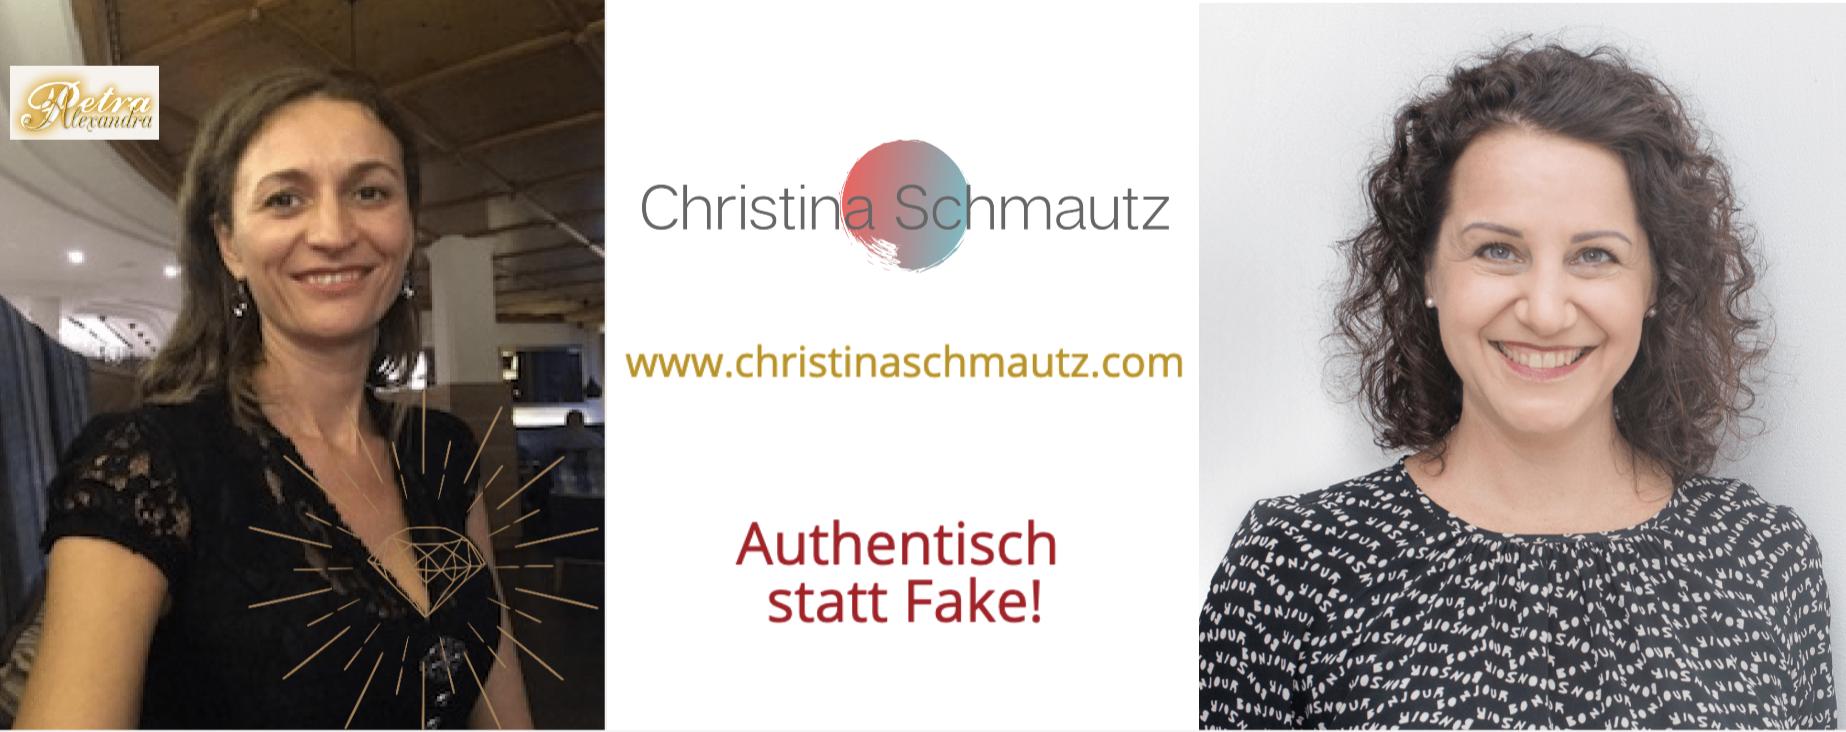 Authentisch statt Fake: Christina Schmautz